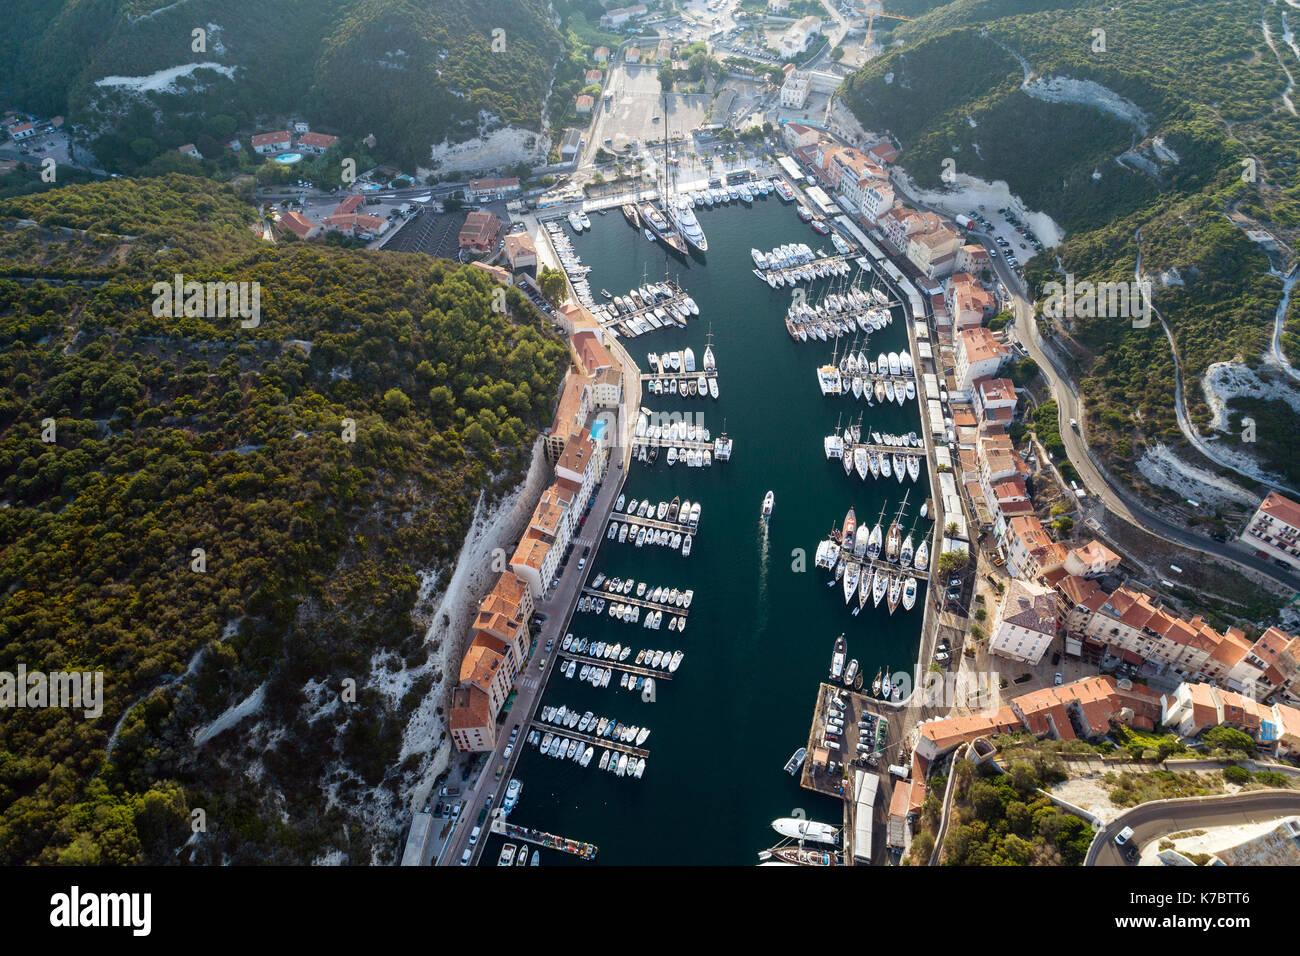 Vista aérea de los barcos y yates en el puerto deportivo de Bonifacio, Córcega, Francia Imagen De Stock